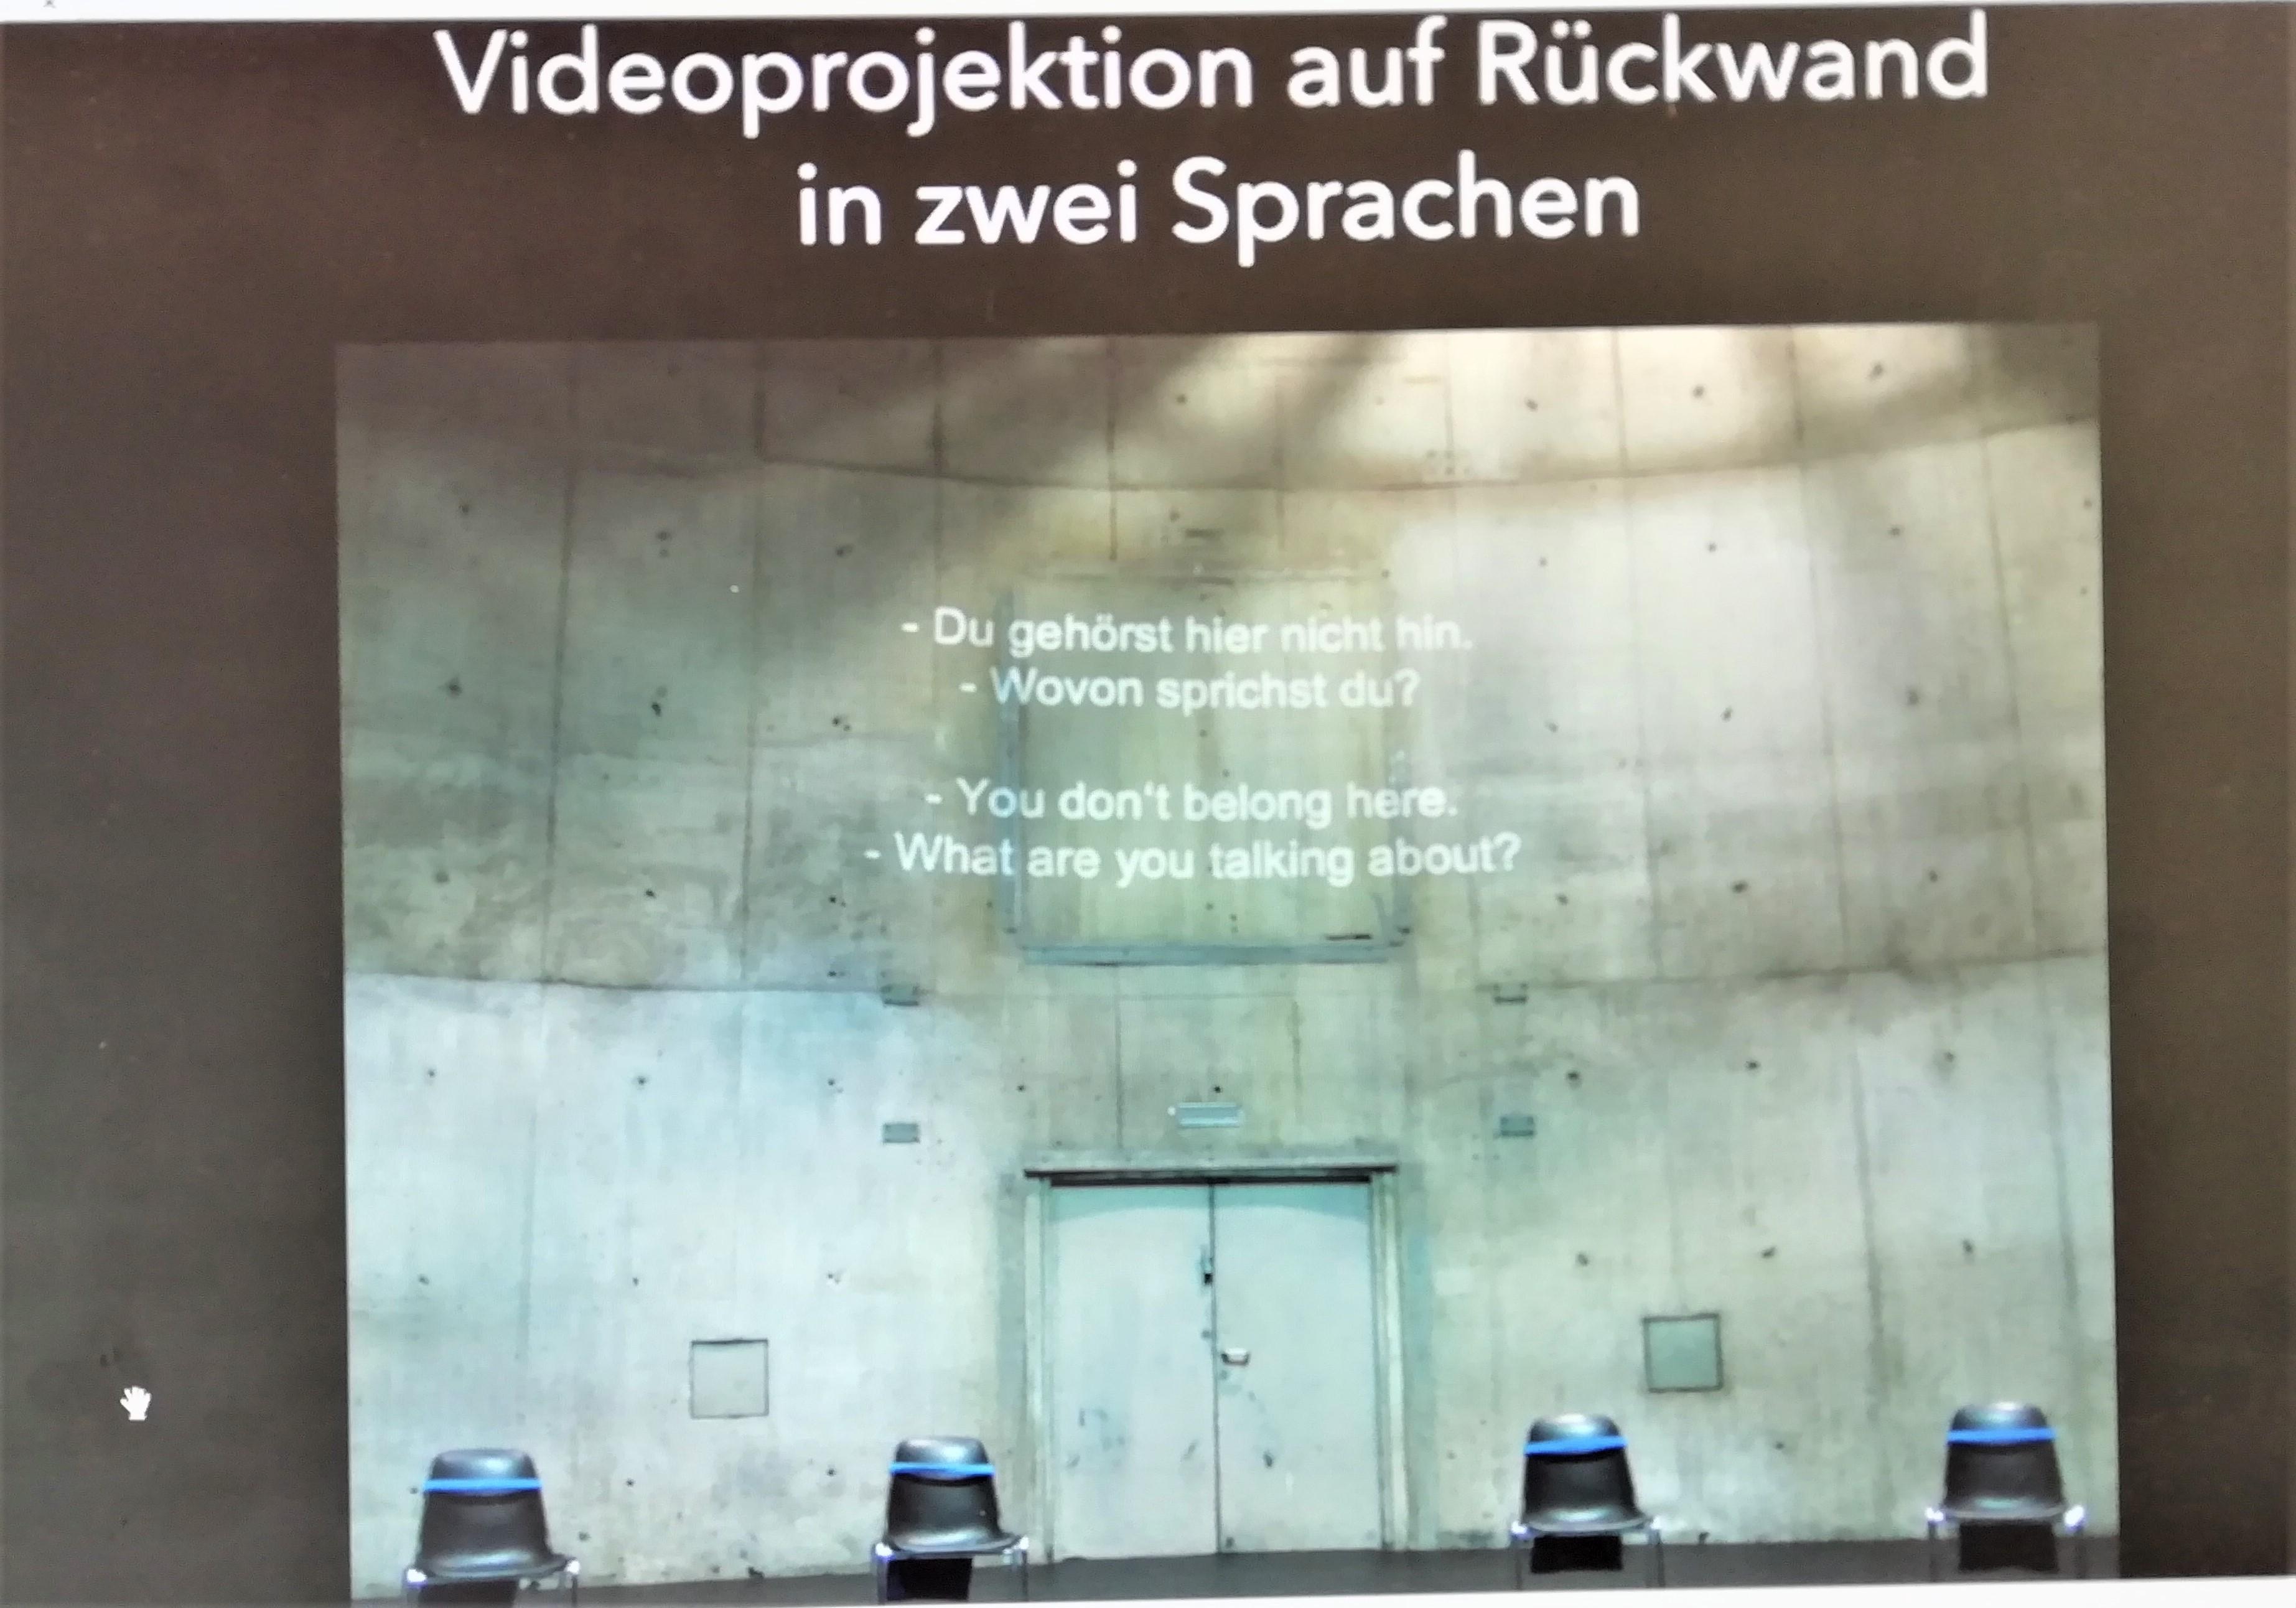 Auf einer Bühne stehen vier dunkle Stühle. Der Bühnenhintergrund ist eine hohe graue Sichtbetonwand. Auf die Wand sind weiße Übertitel projiziert.